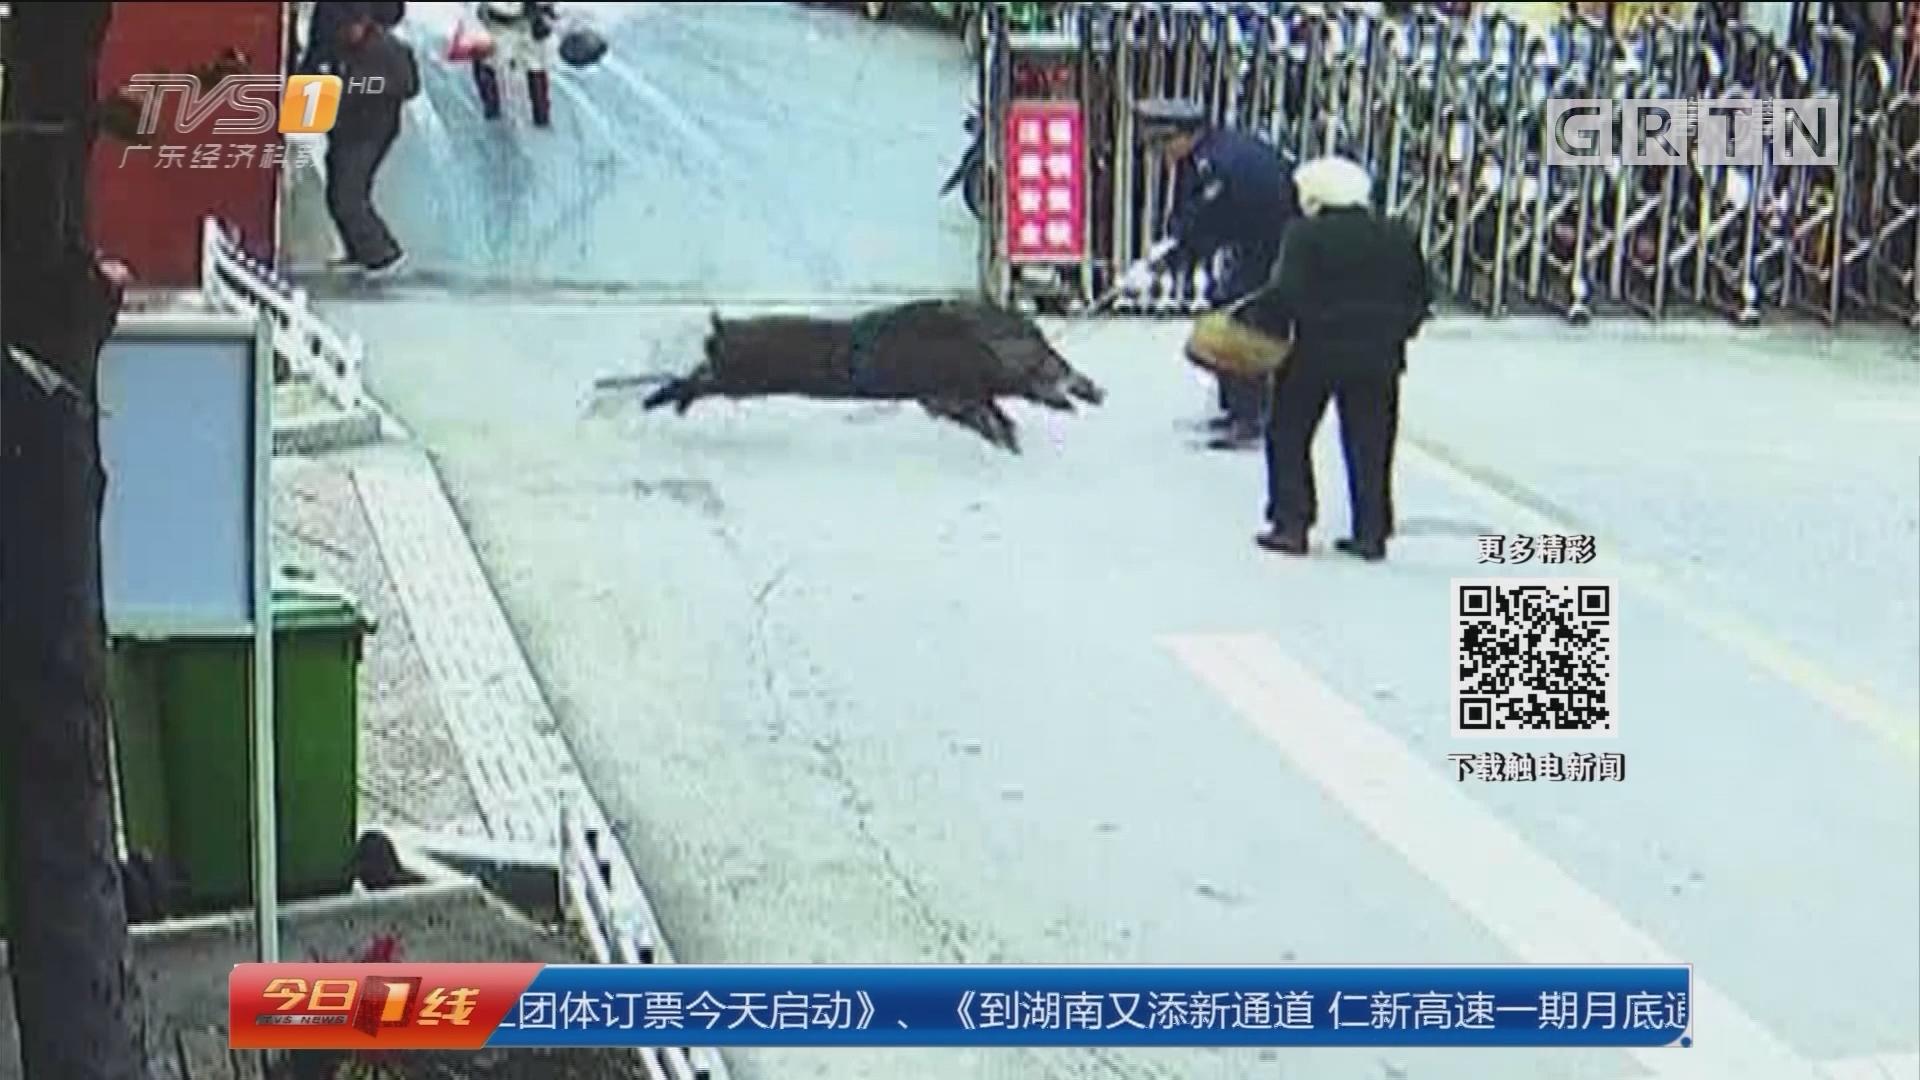 安徽宣城:野猪闯进居民区 猎手出动将其击毙